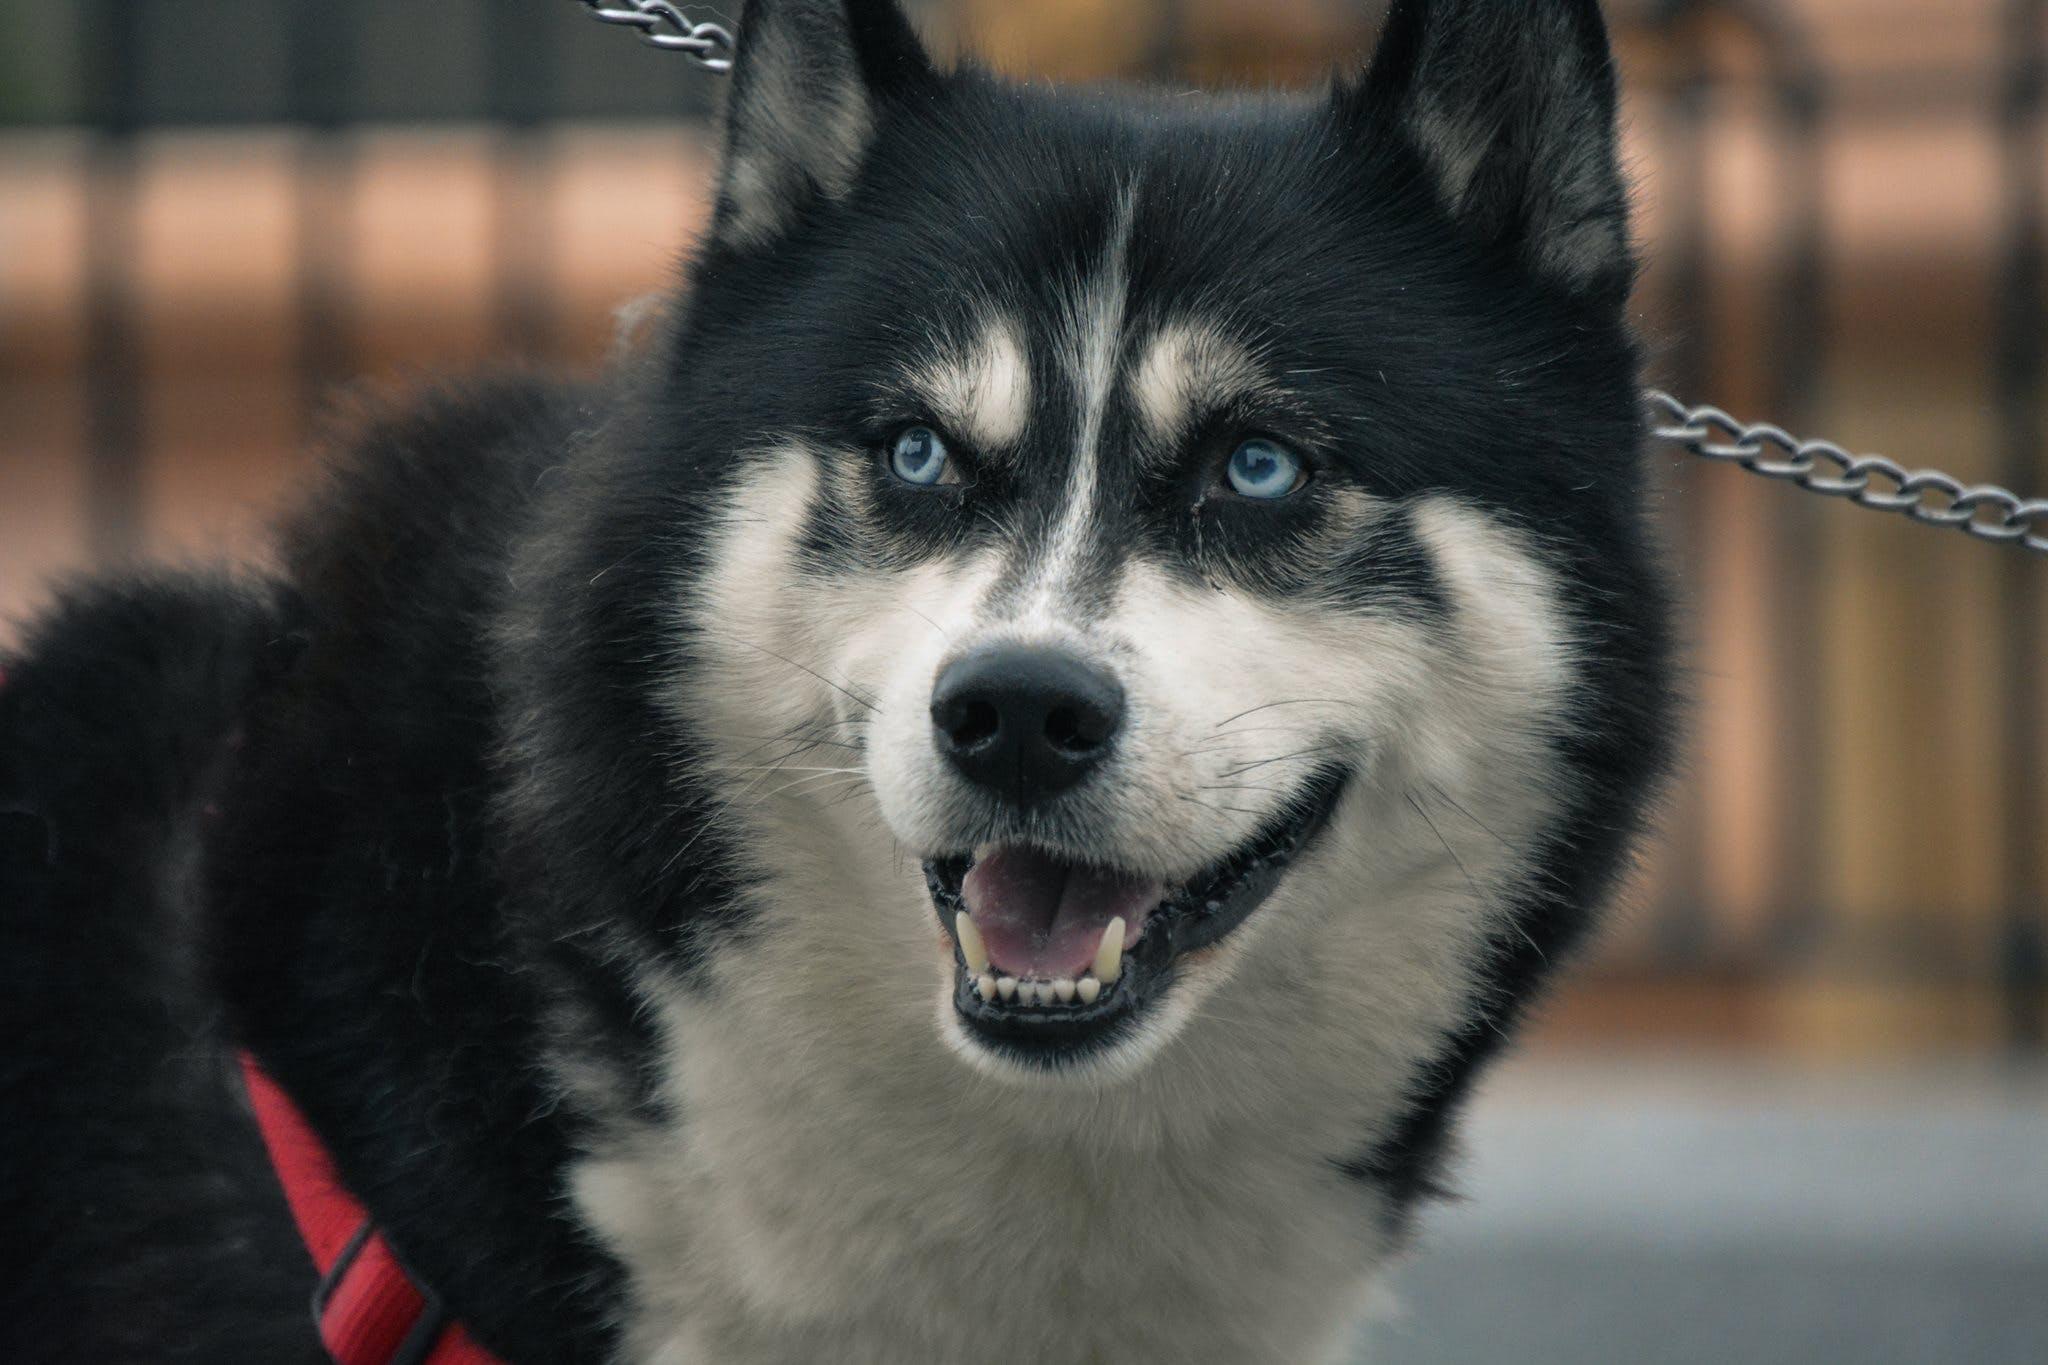 Free stock photo of animal, animal photography, animal portrait, blue eyes